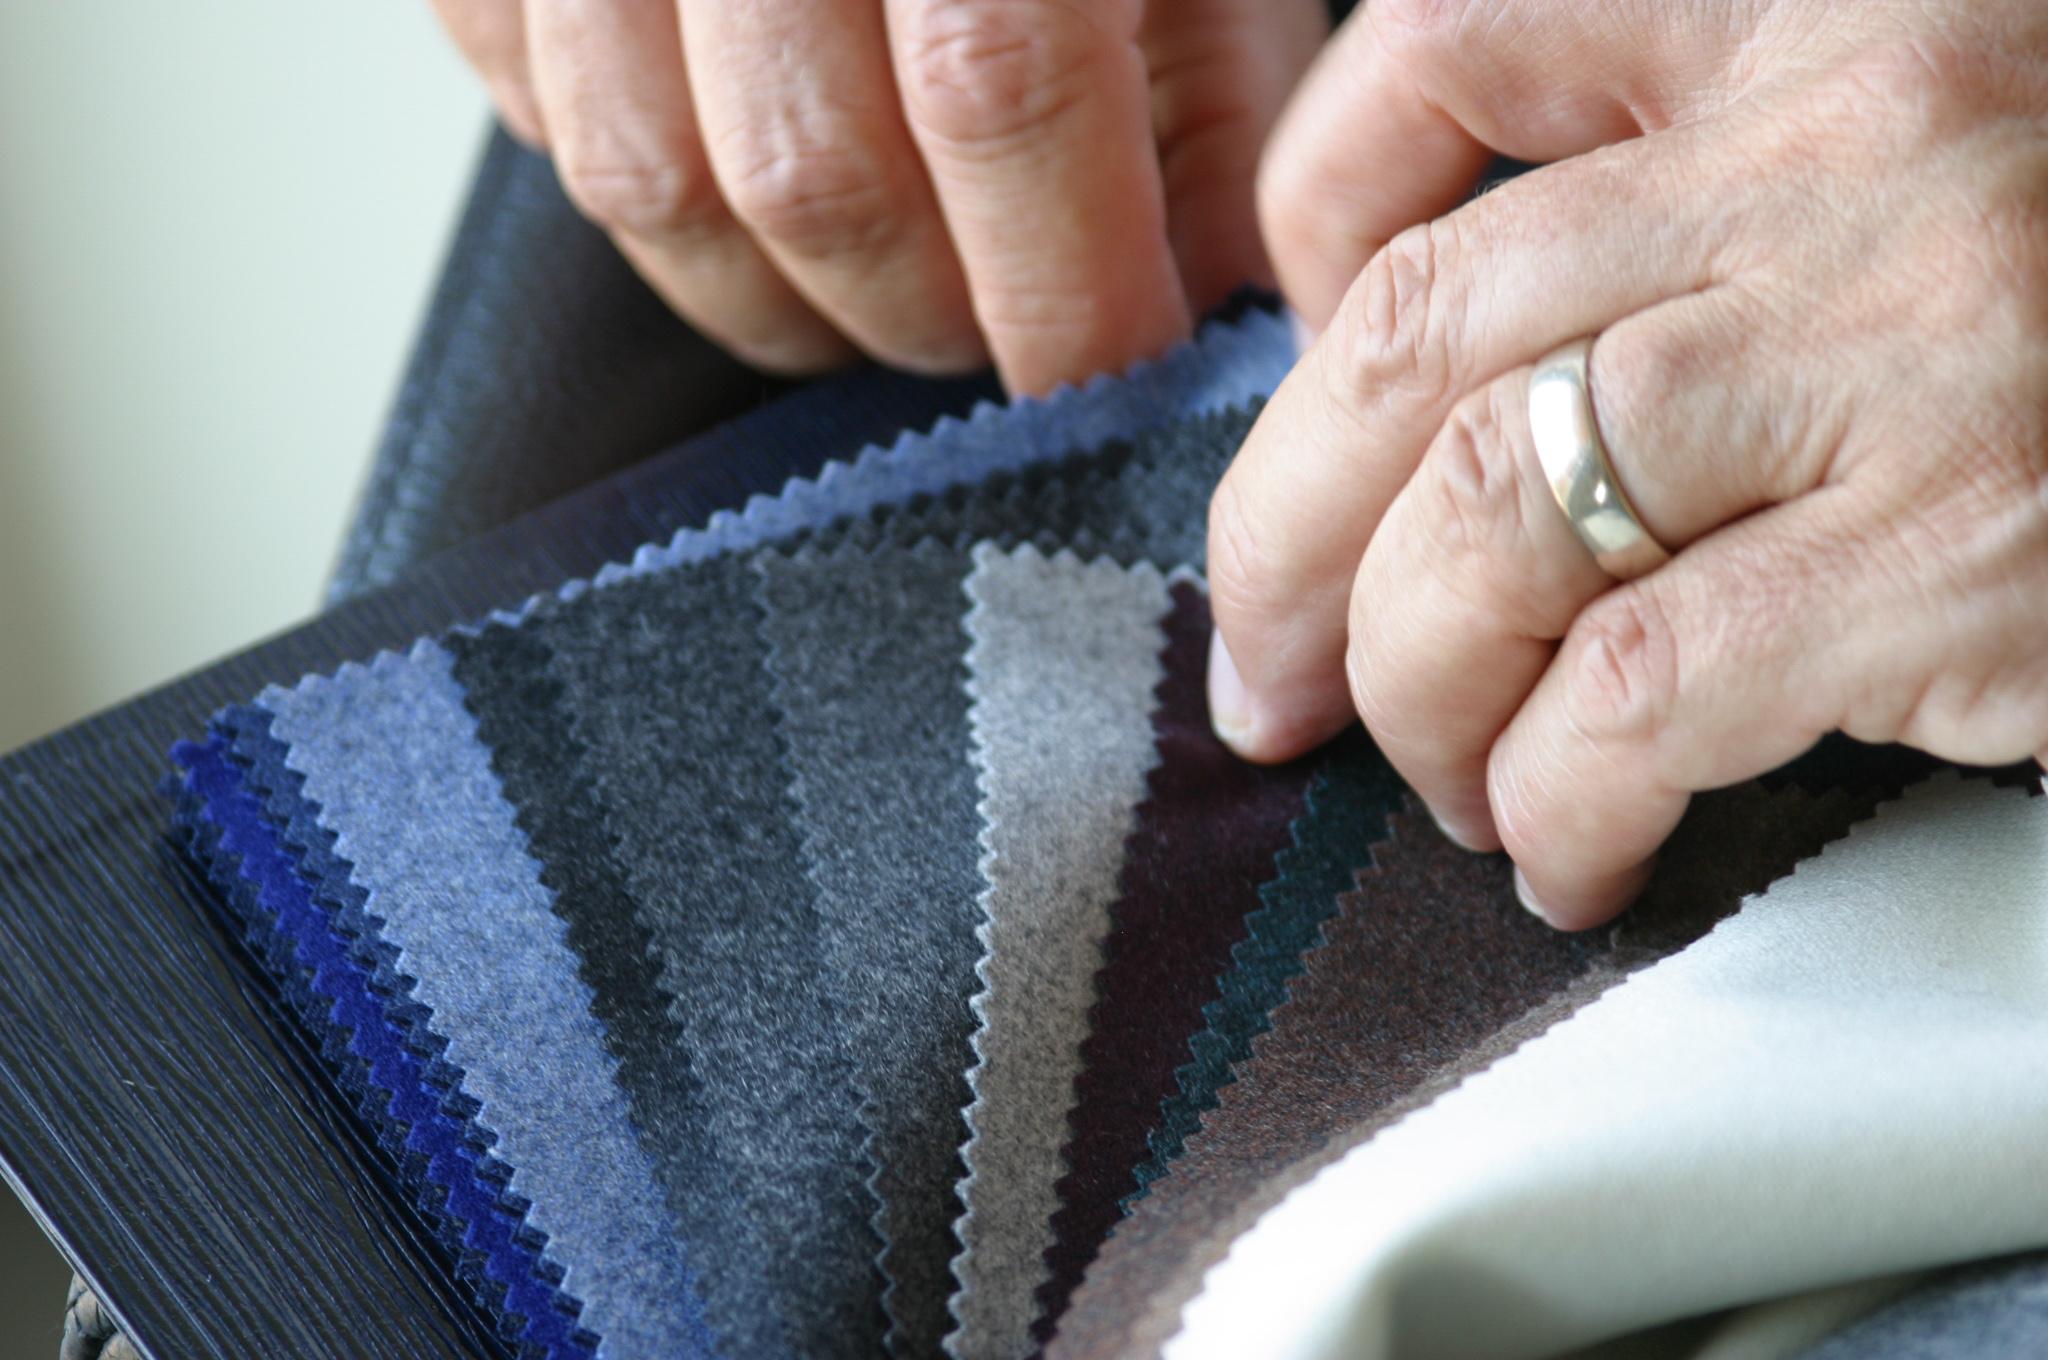 Von blau über grau bis beige - egal welche Farbe - ein Massanzug aus der Stoffkollektion Flannel & Saxony von Scabal ist genau das richtige für kalte Tage